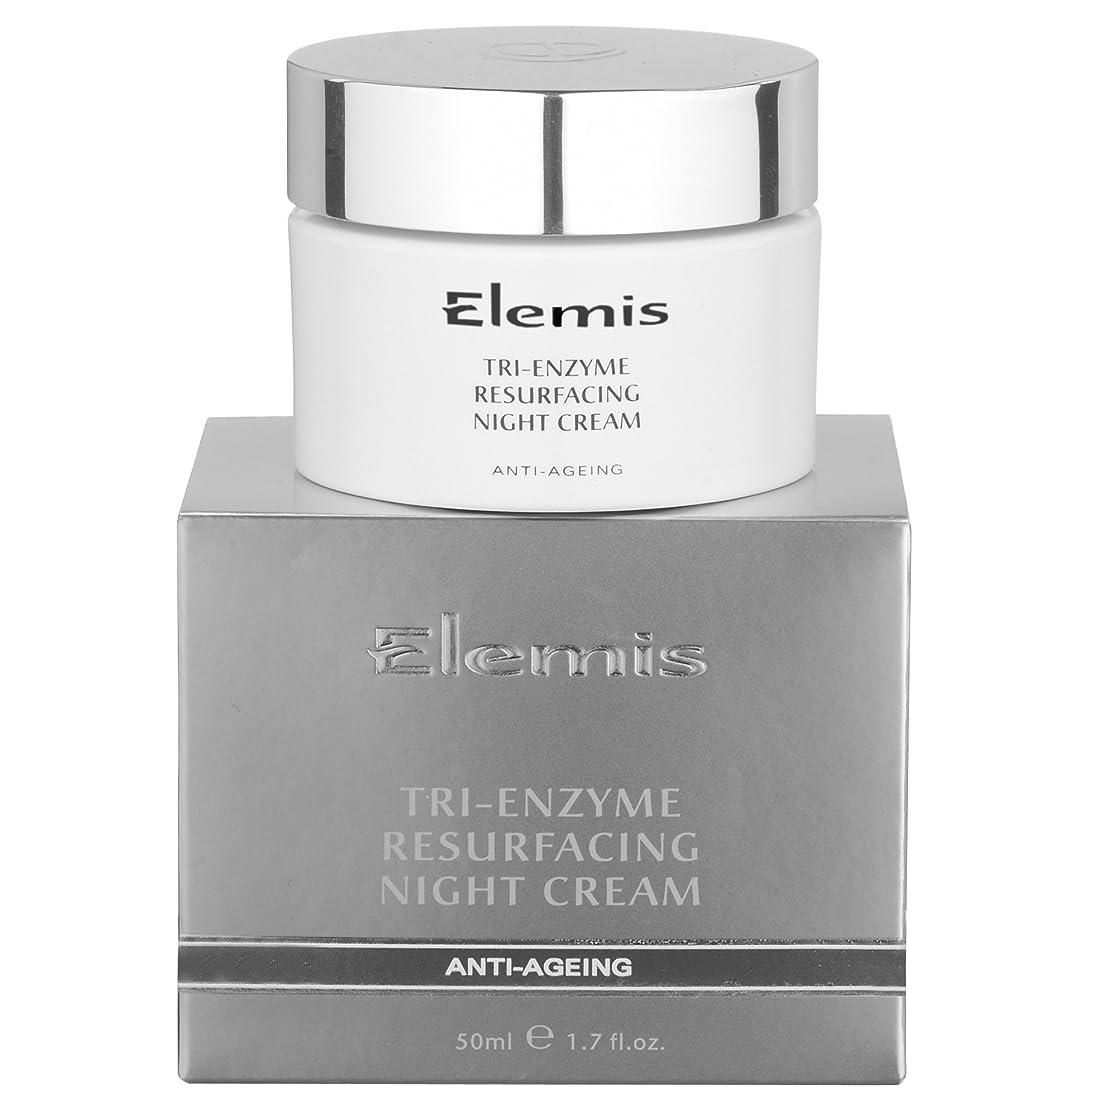 横にテレビ開いたエレミストライ酵素再舗装ナイトクリーム (Elemis) (x6) - Elemis Tri-Enzyme Resurfacing Night Cream (Pack of 6) [並行輸入品]